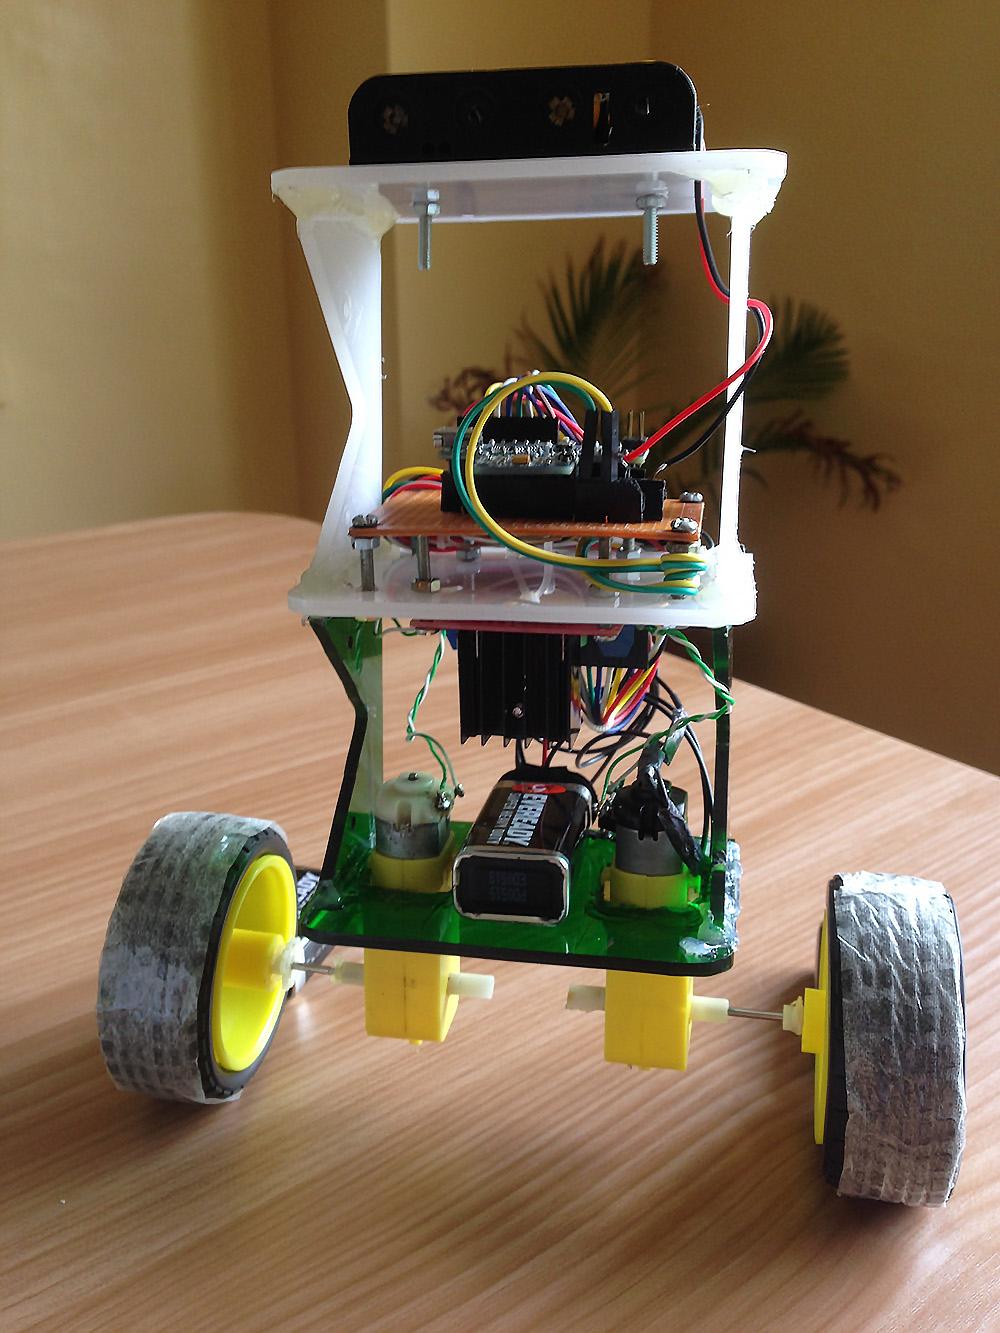 How to build an arduino self balancing robot diy hacking